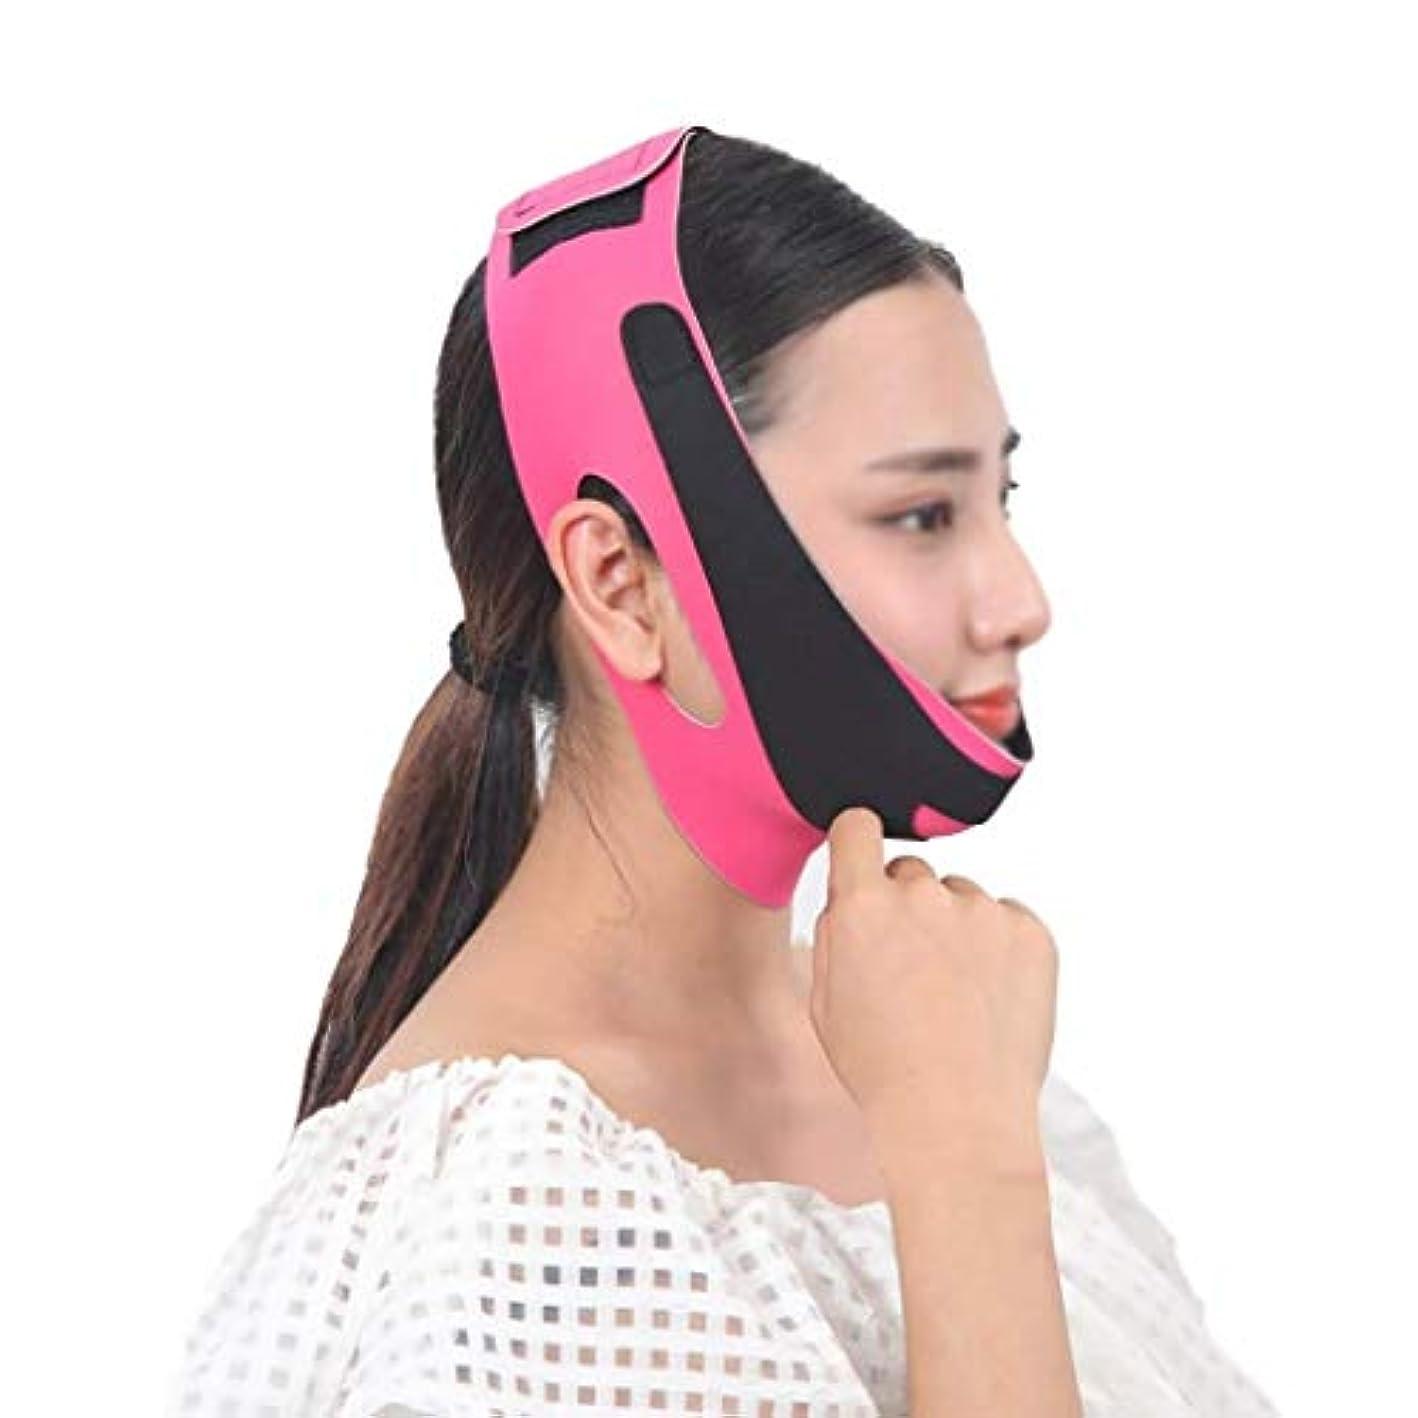 ズームサリー何もないフェイスアンドネックリフト術後弾性フェイスマスク小さなV顔アーティファクト薄い顔包帯アーティファクトV顔ぶら下げ耳リフティング引き締め薄い顔アーティファクト